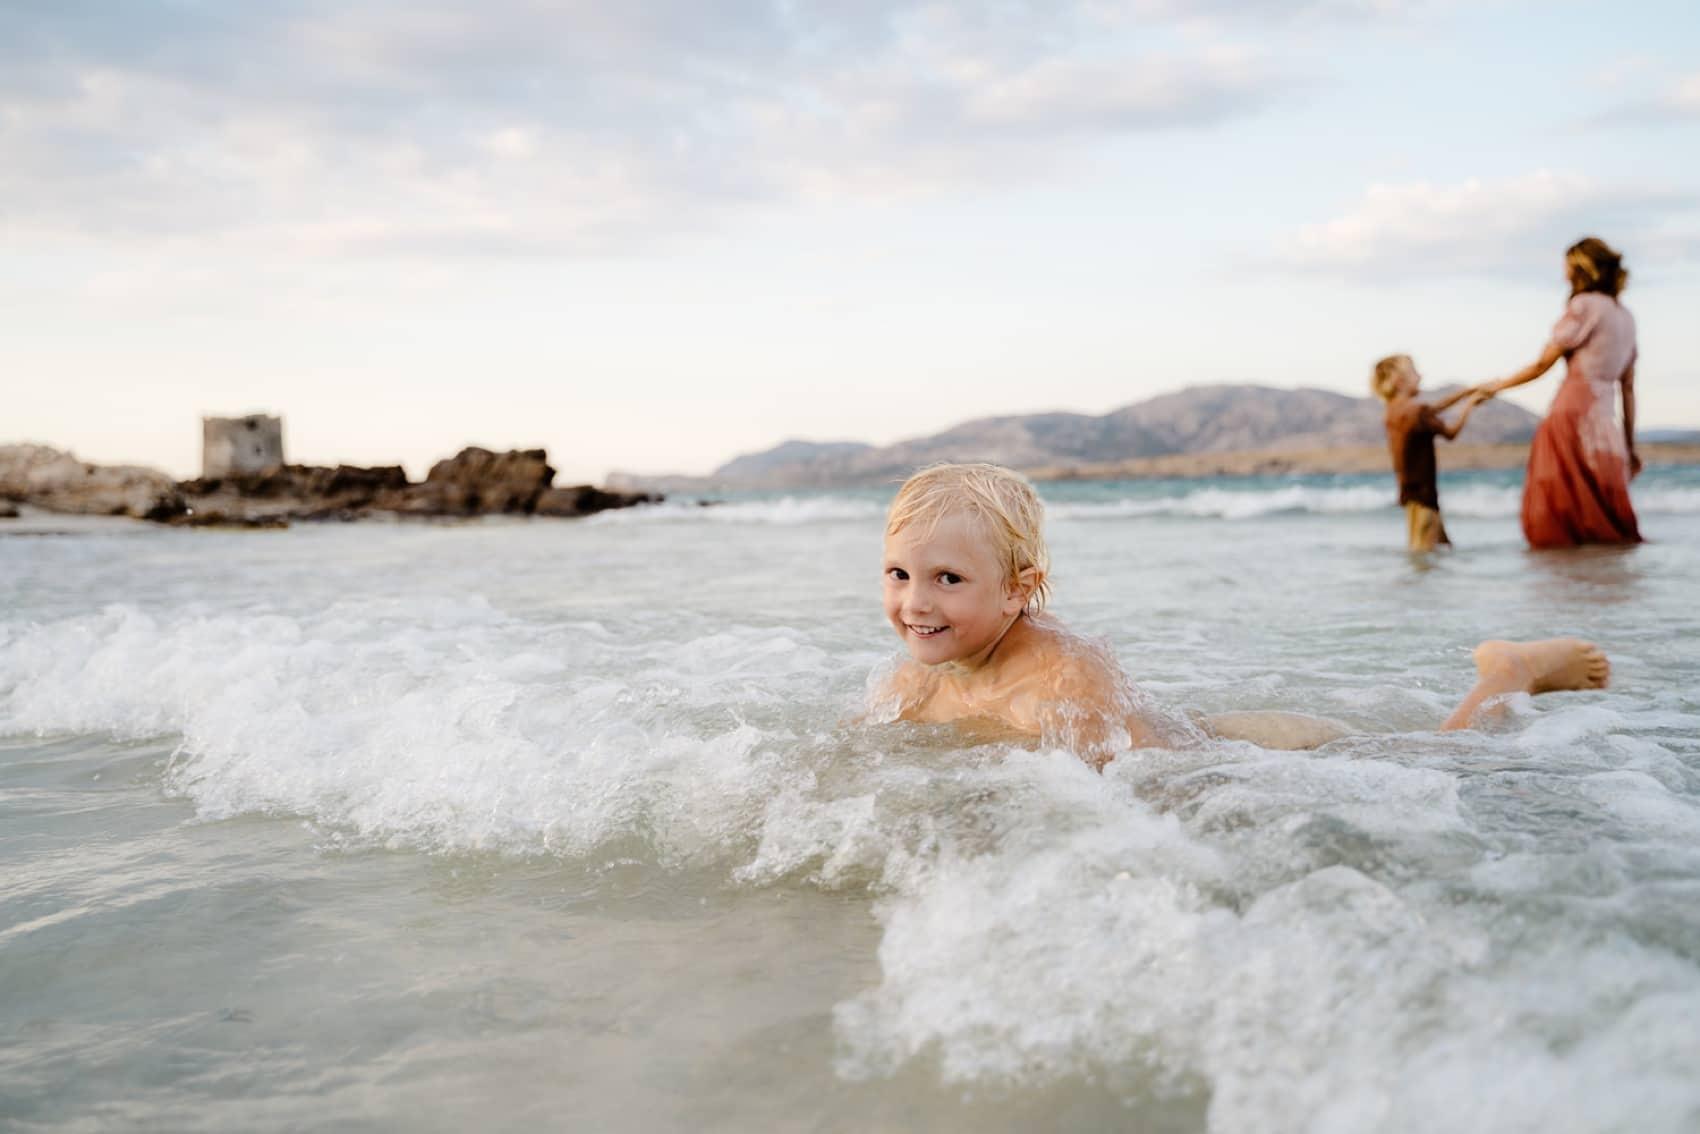 foto in spiaggia sardegna la pelosa